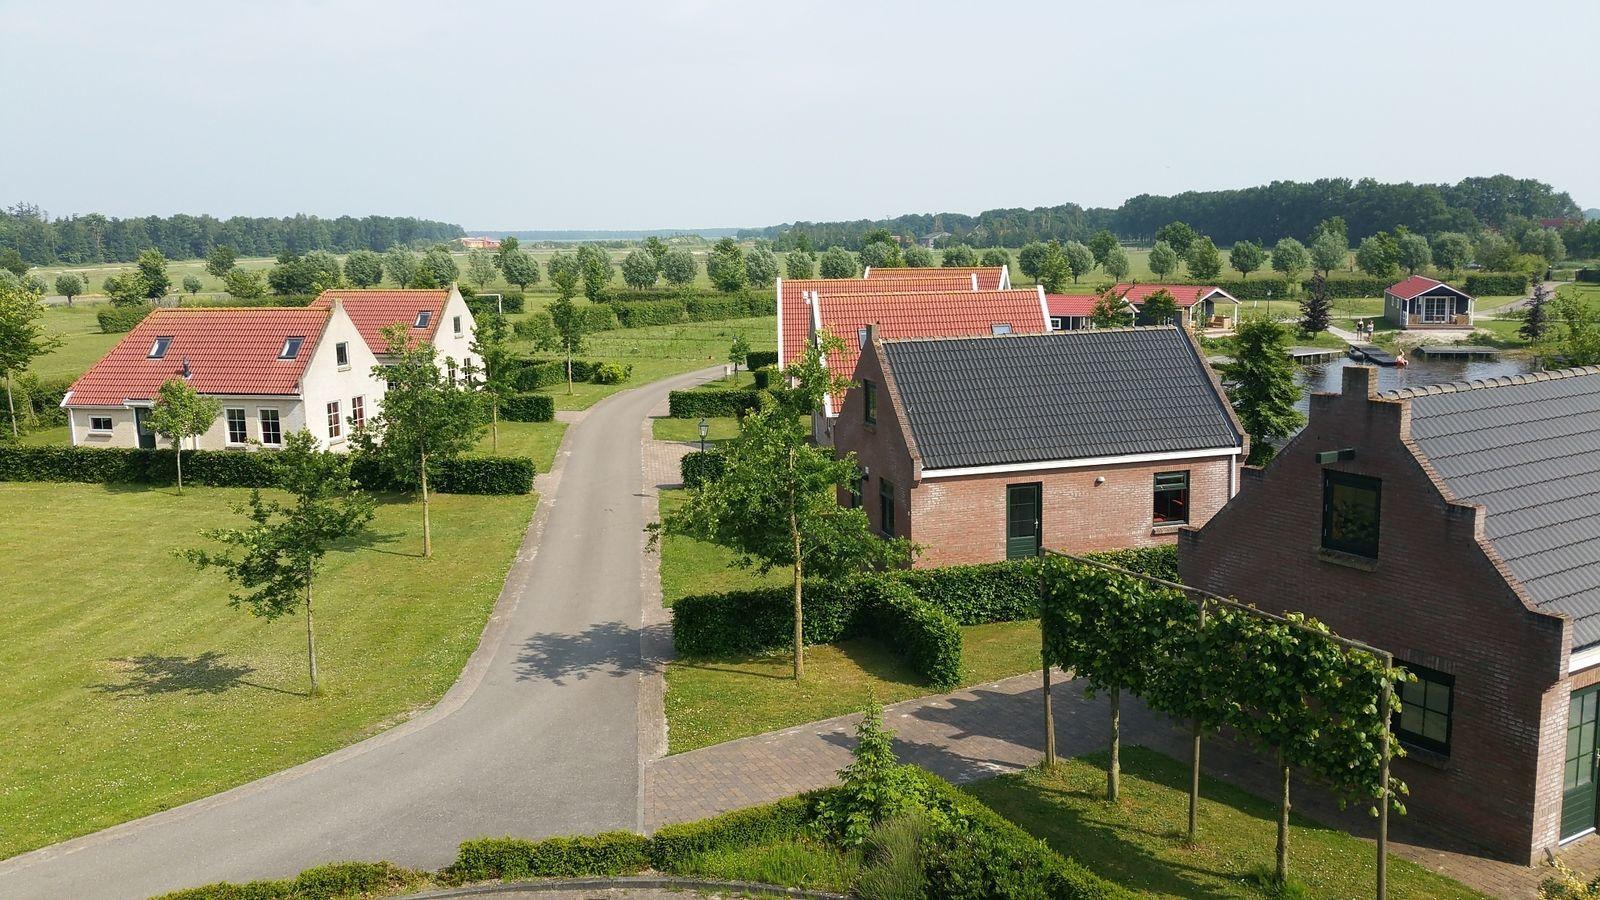 Groepsverblijf Strandhuis + 4 vakantiewoningen (24 personen)